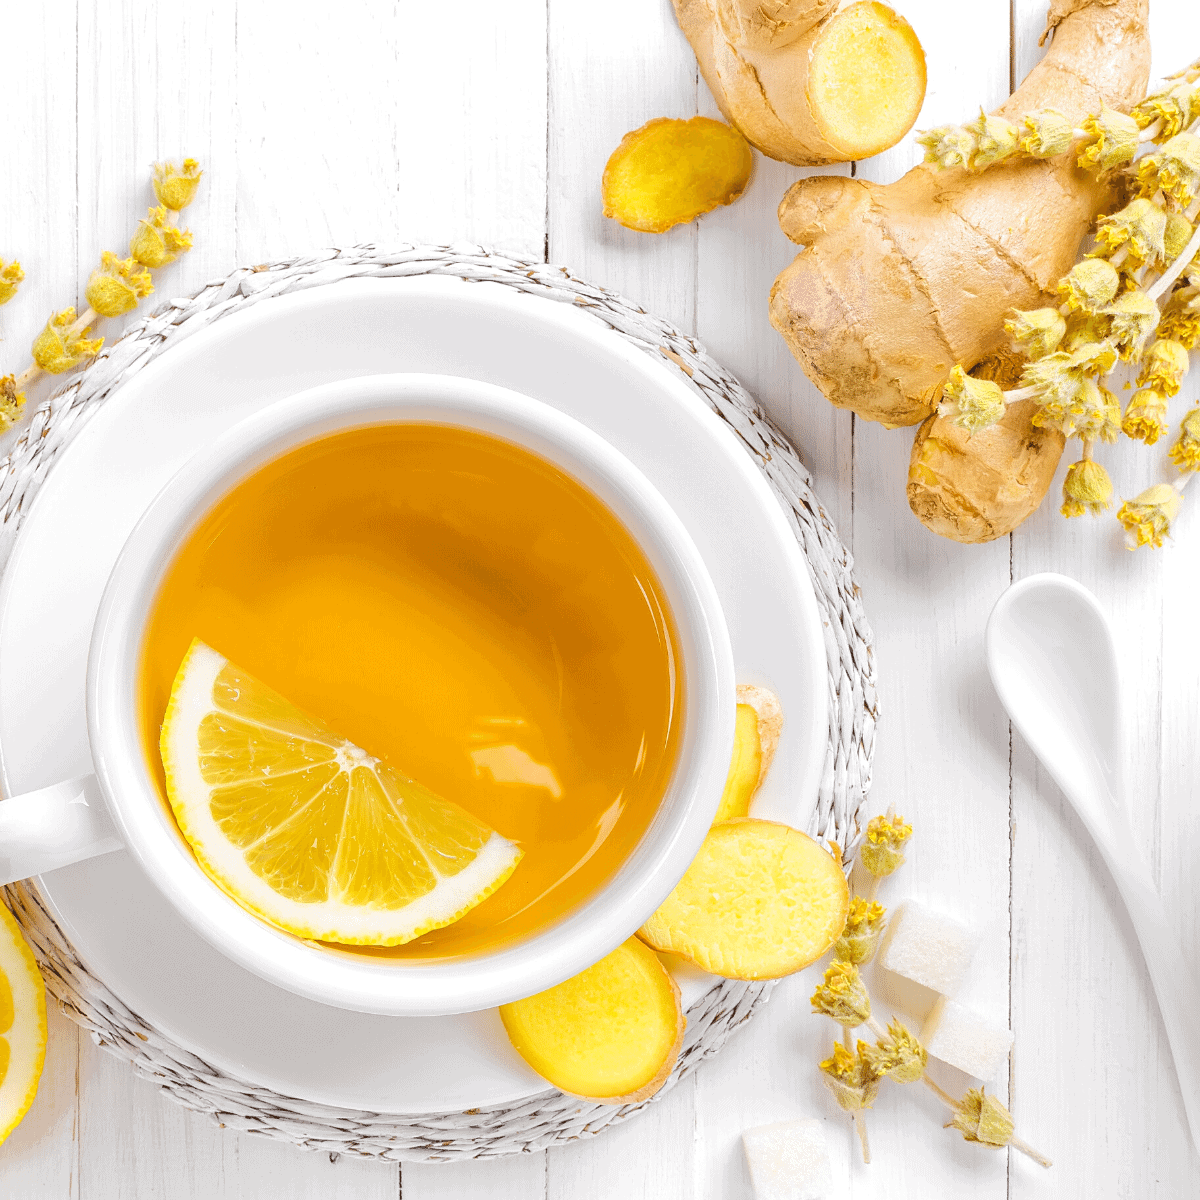 Fresh lemon ginger tea made with fresh lemons and grated ginger